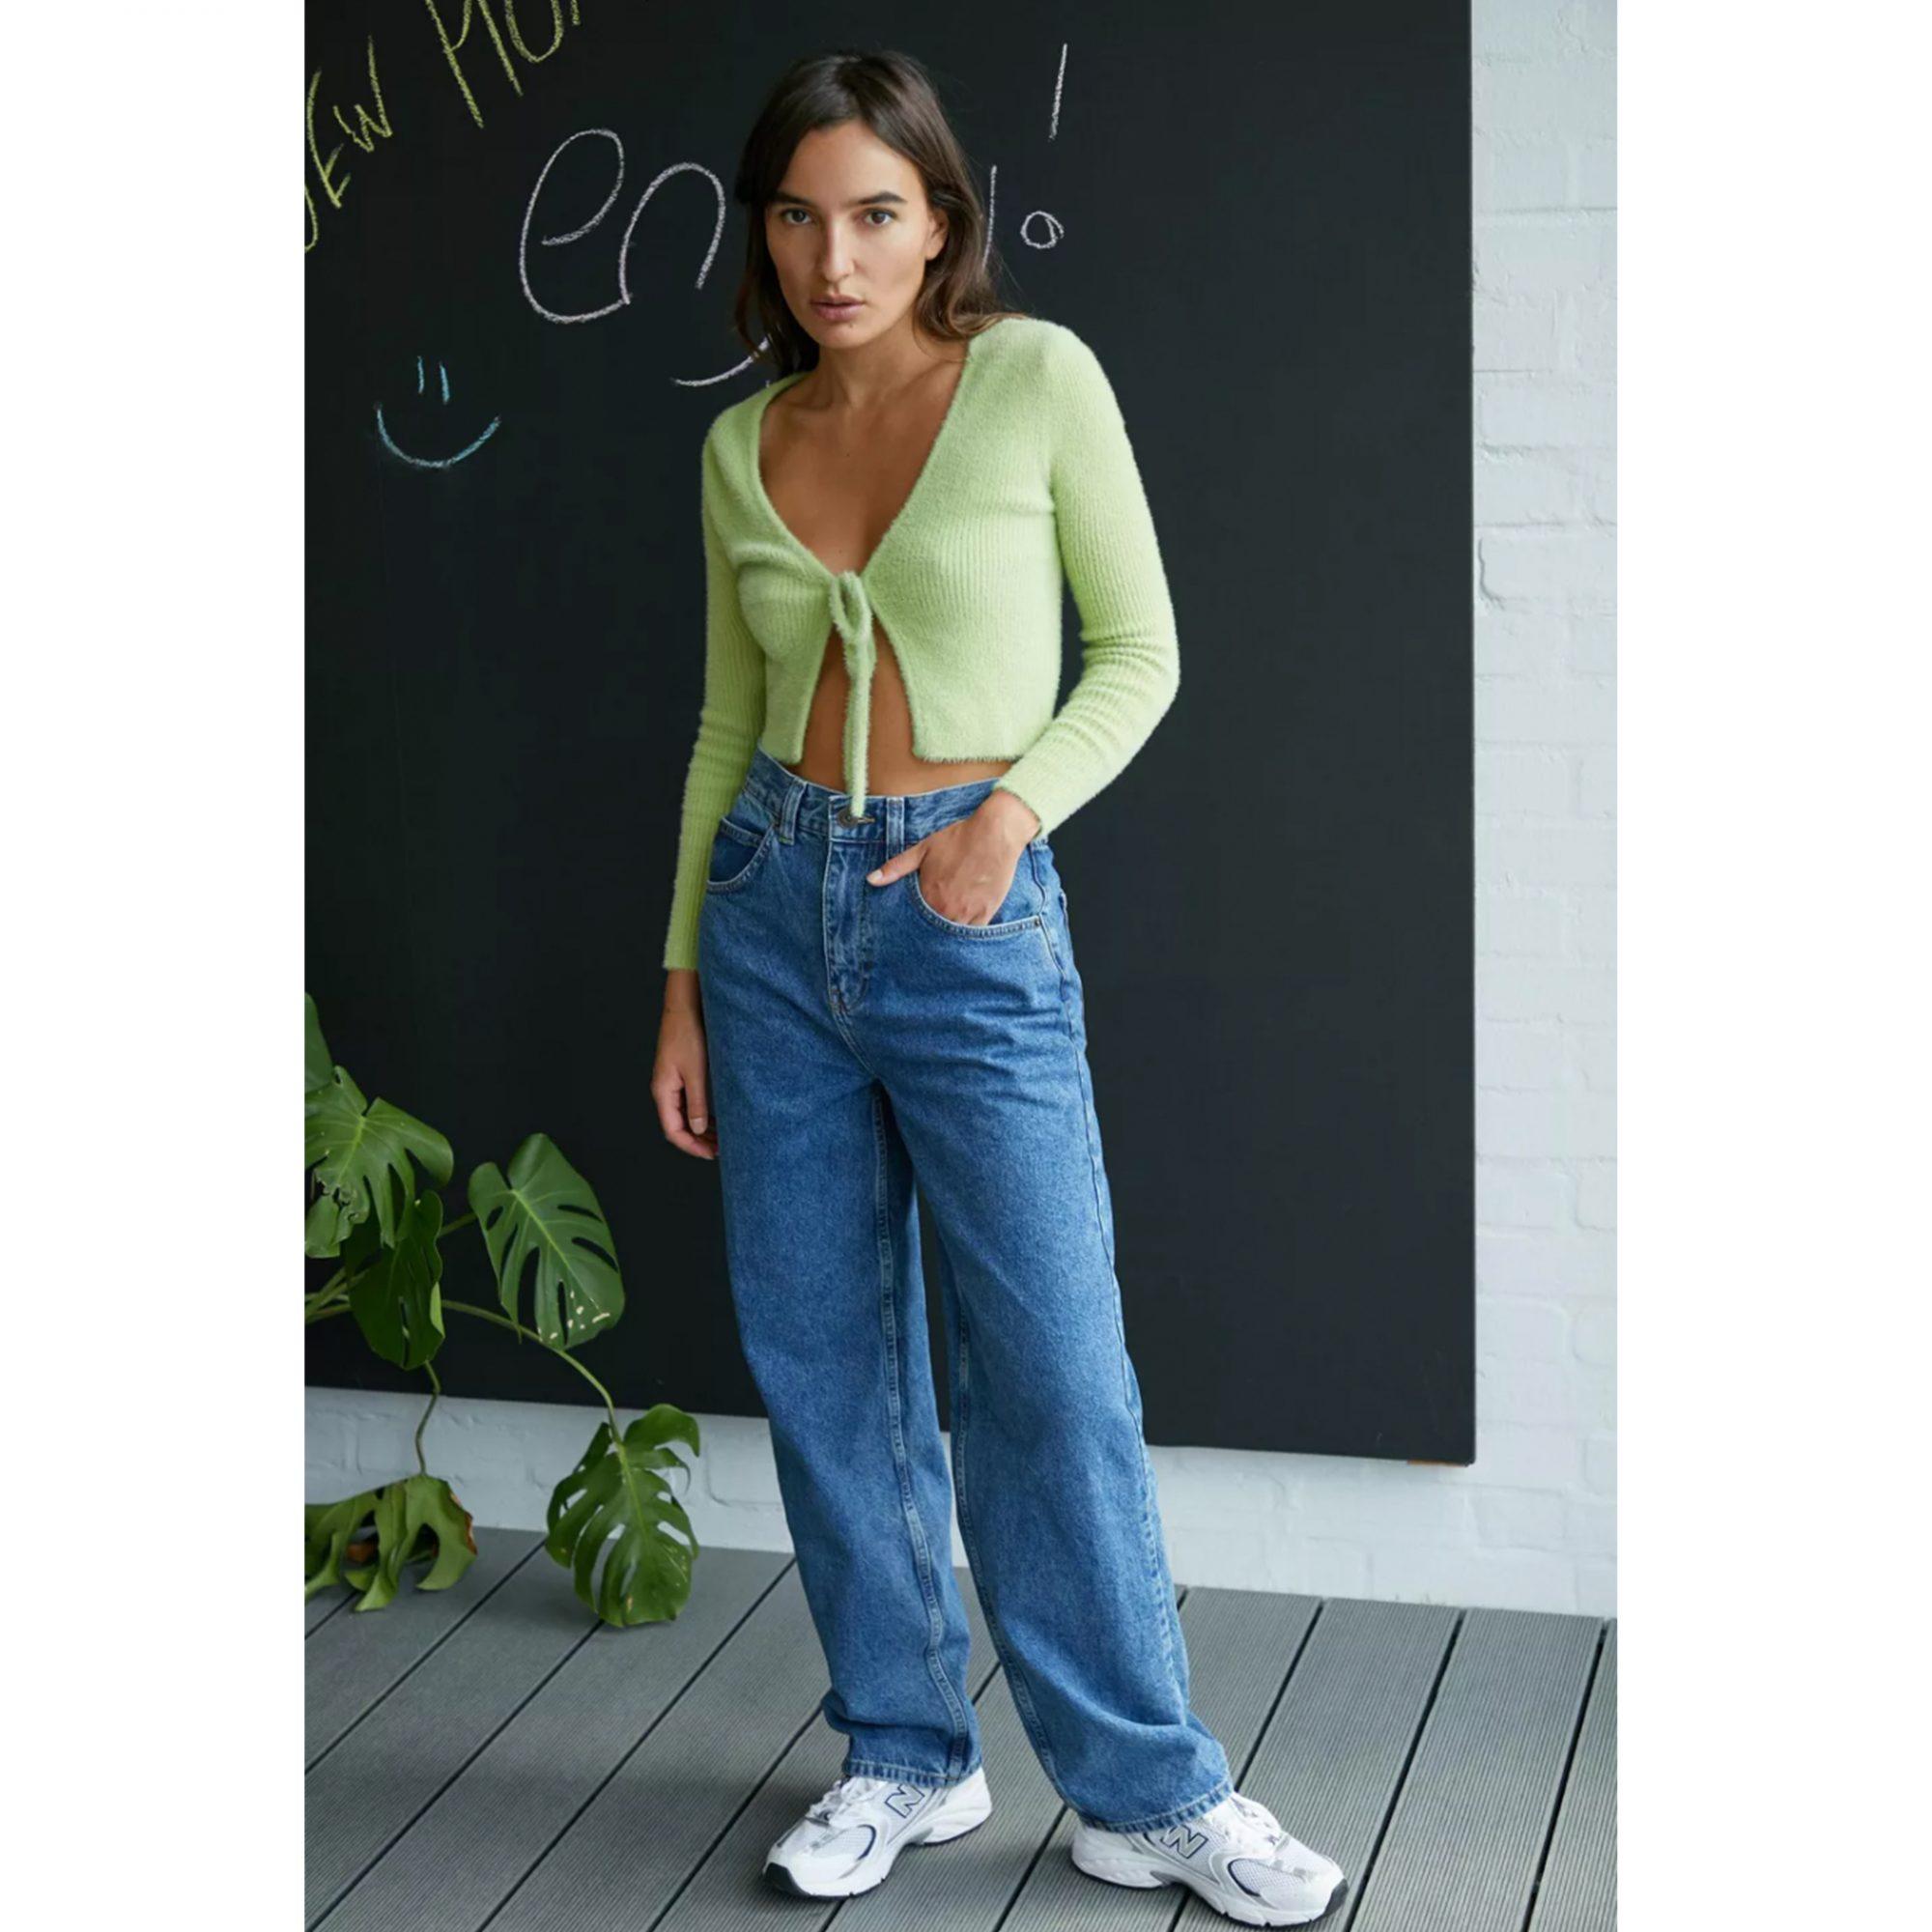 urban-outfitters-boyfriend-jeans, best-jeans-for-women